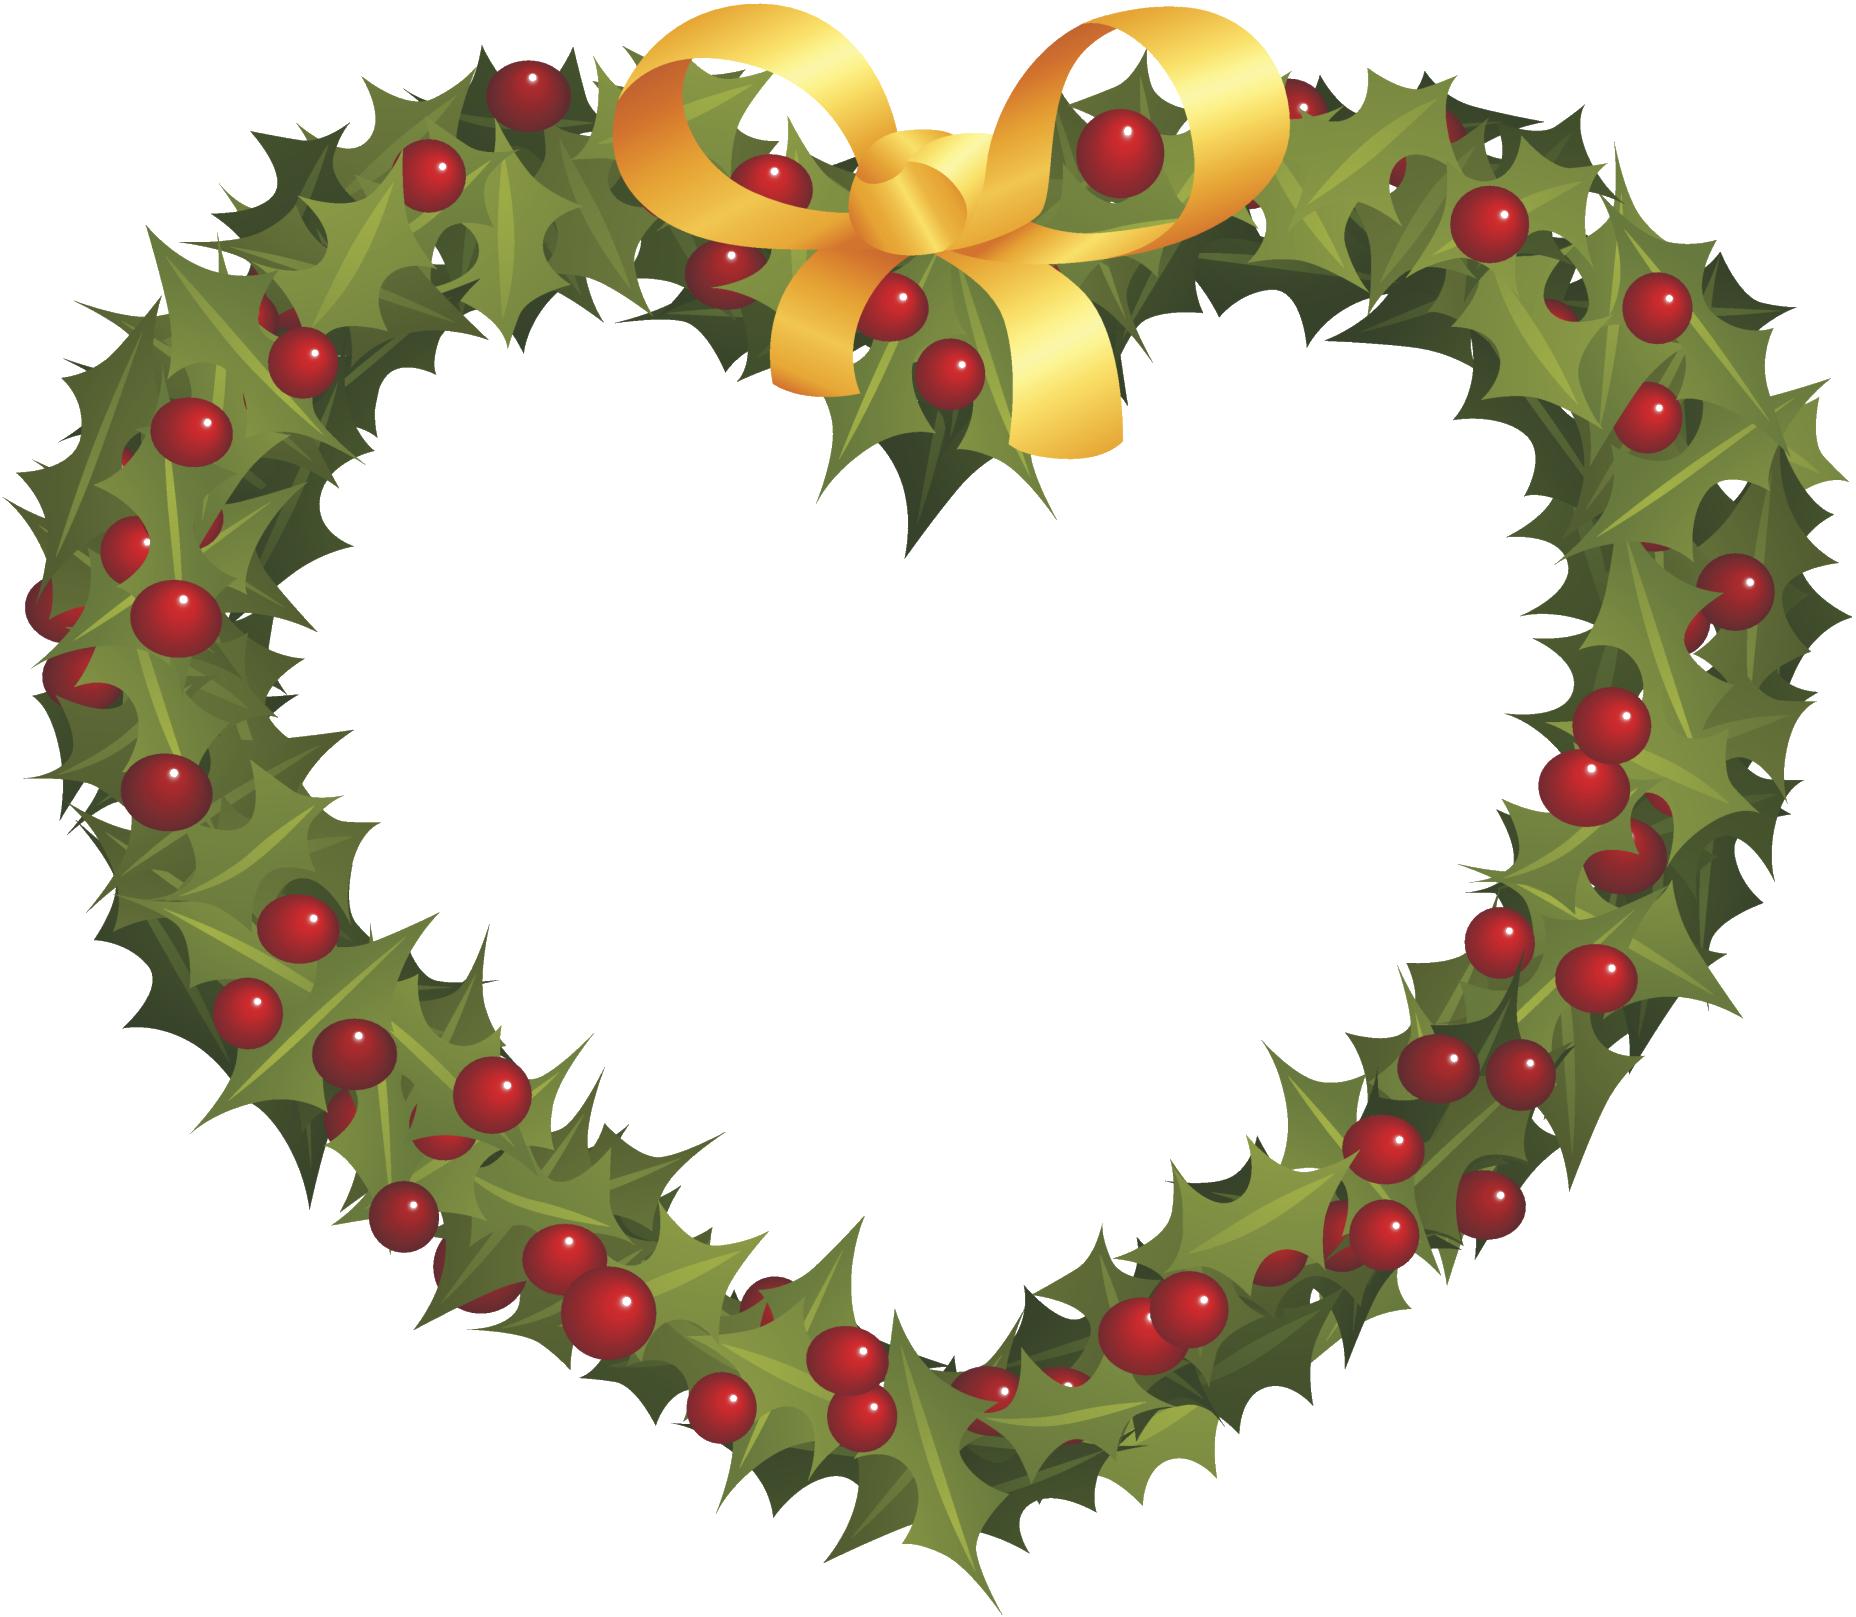 Garland clipart christmas tree garland. Wreath ornament love peach